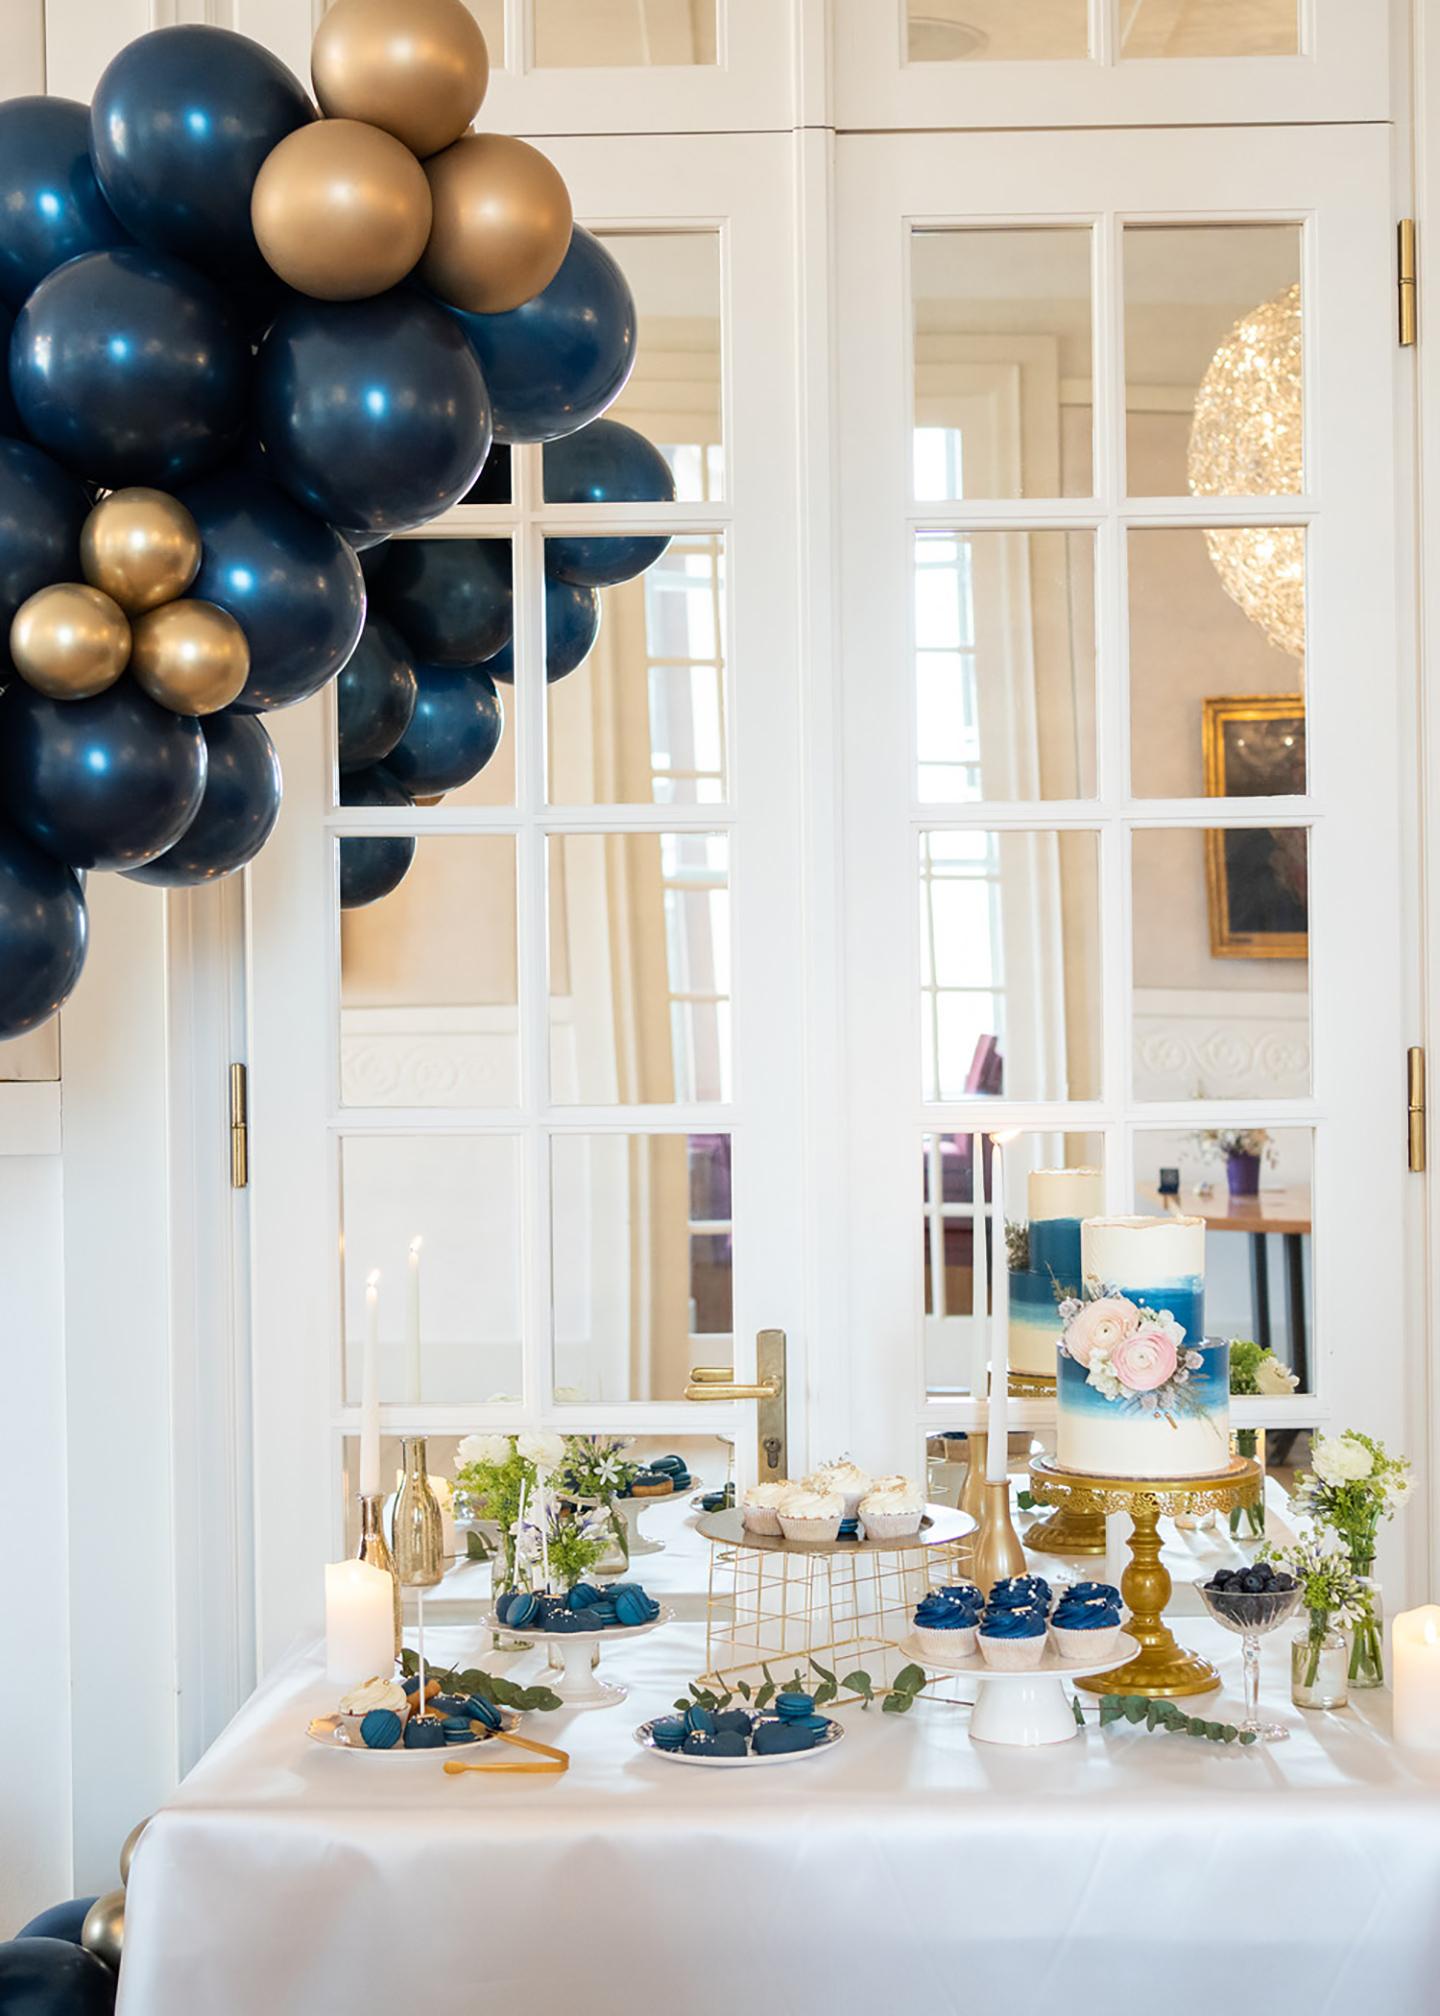 Die Hochzeitslocation von innen wurde dezent geschmückt, mit blauen Ballons und goldenen Elementen. Der Tisch, auf dem Ein Buffet aus der Hochzeitstorte und weiteren süßen Gebäckspeisen, besteht, ist auf einem extra Tisch angerichtet.